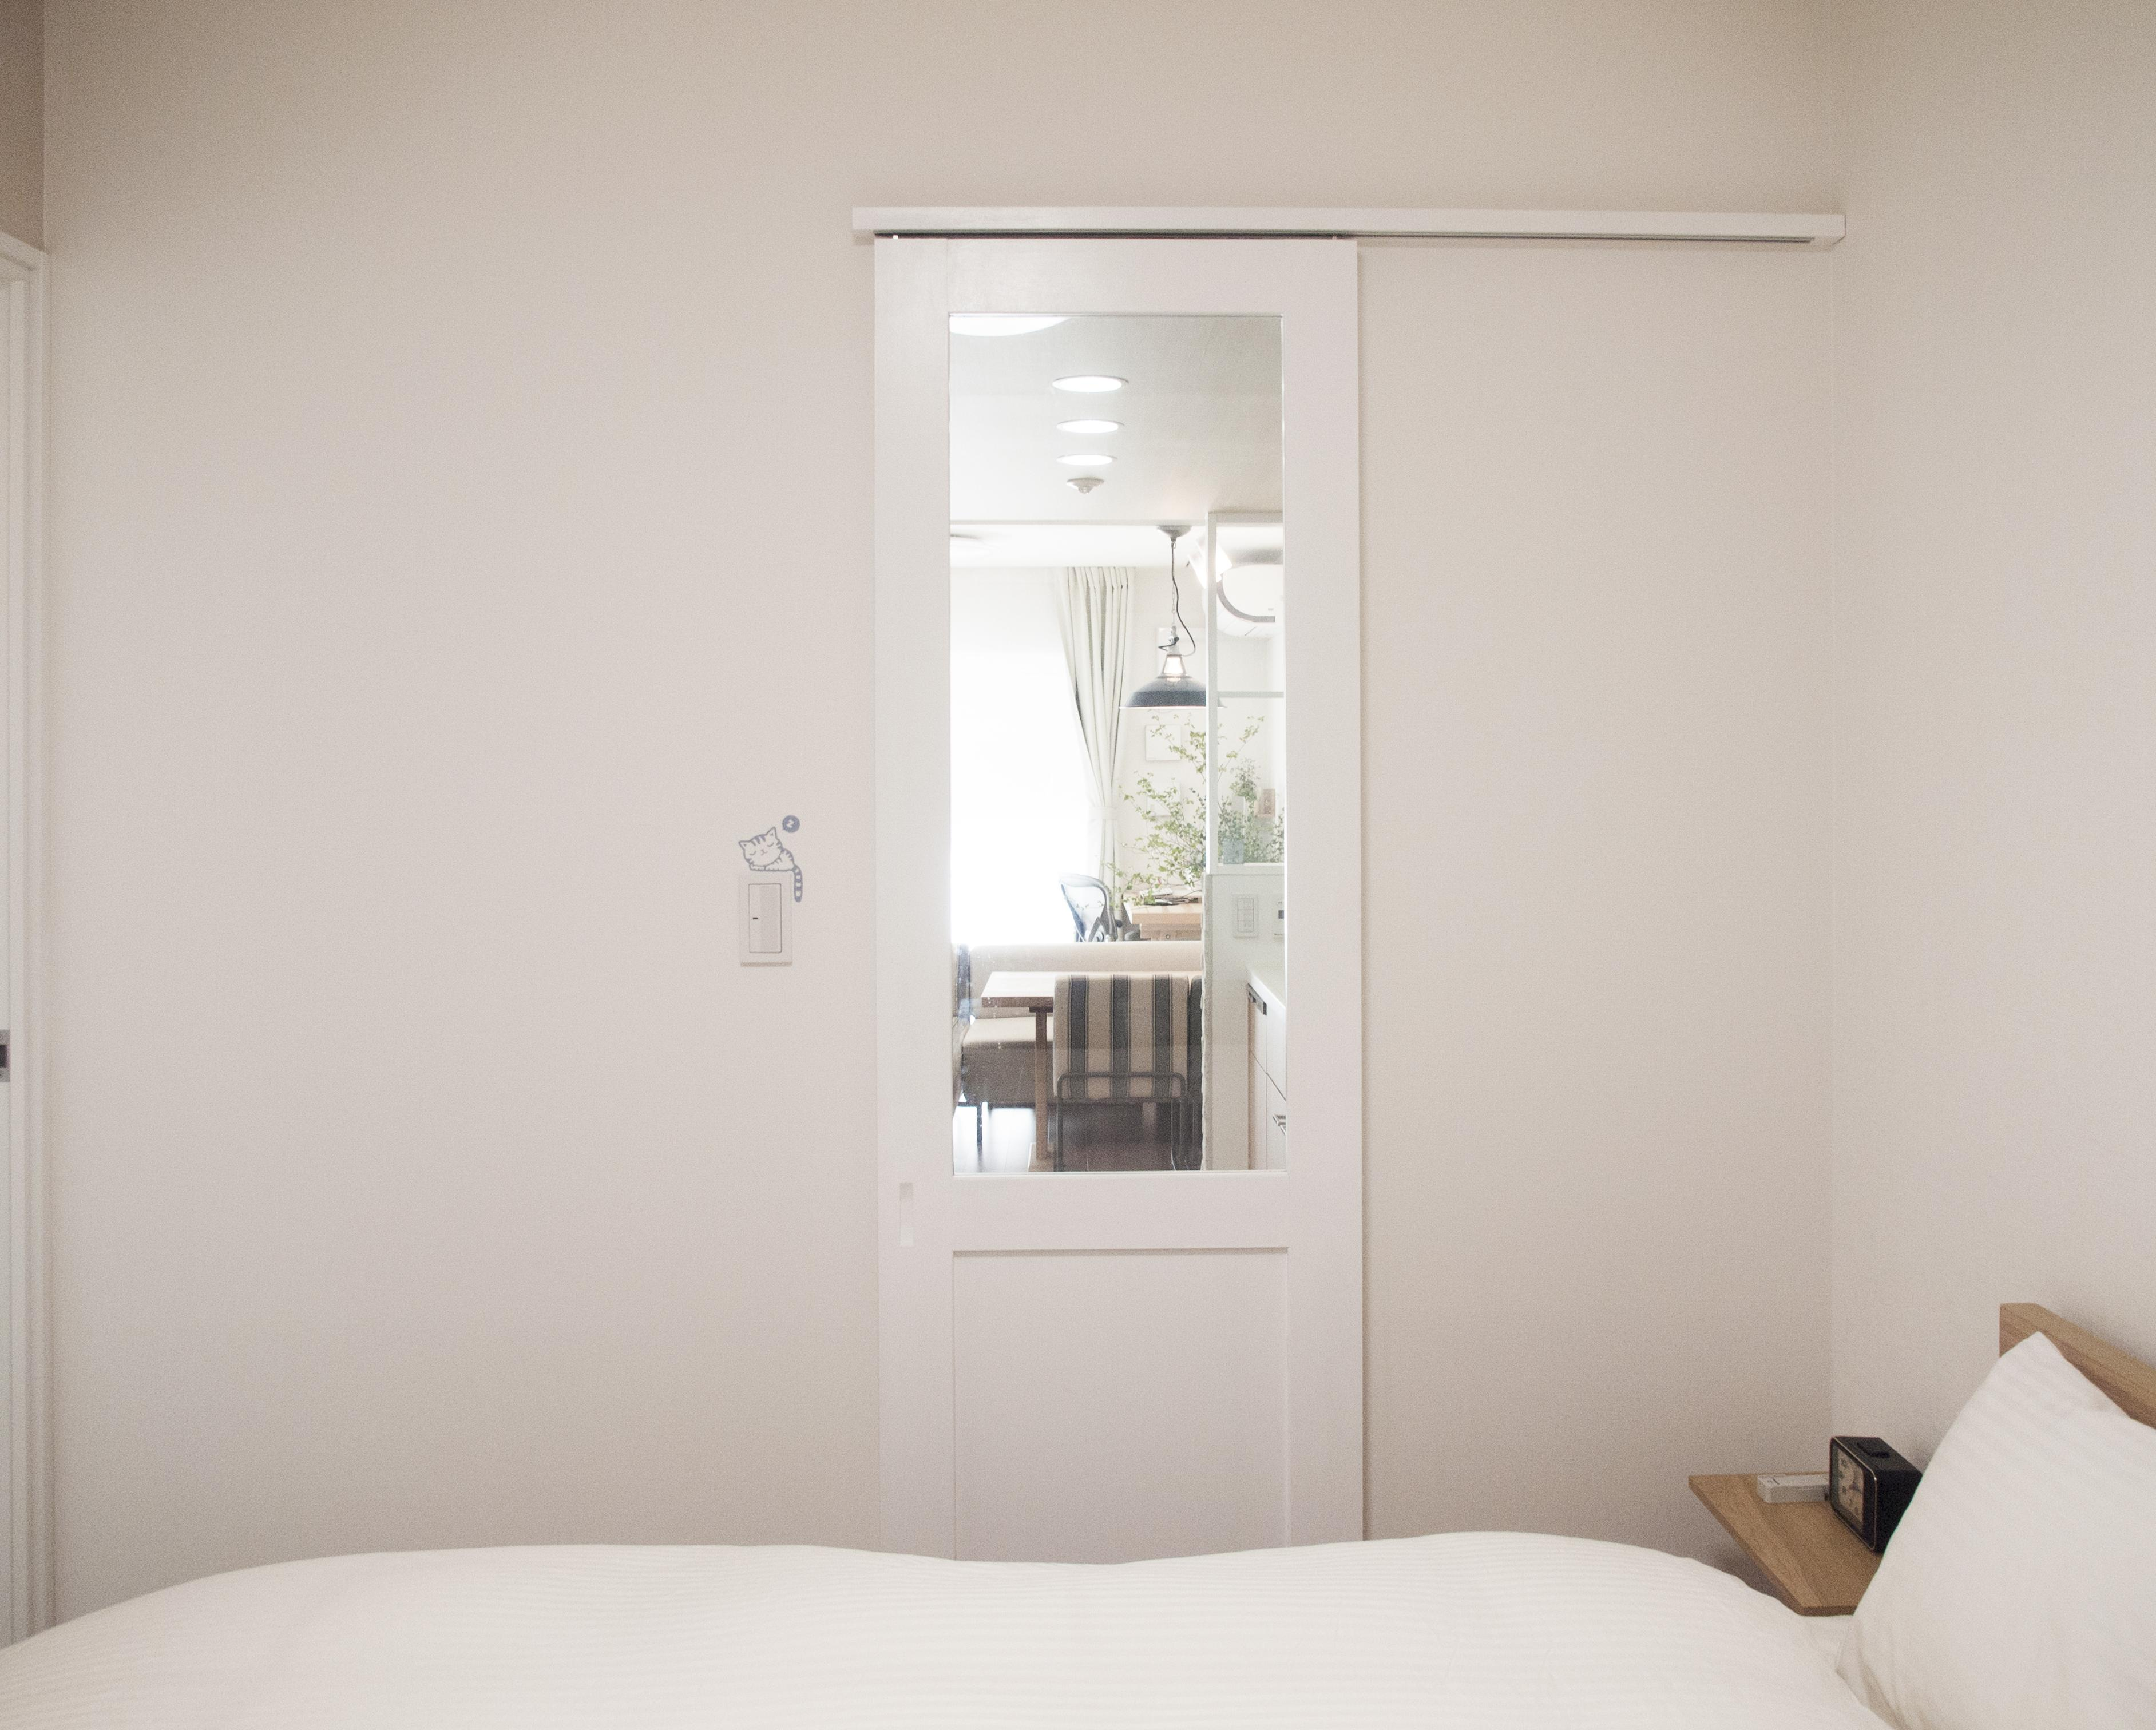 建築家とつくりあげた理想のリノベーション空間の部屋 2方向から出入りできる寝室